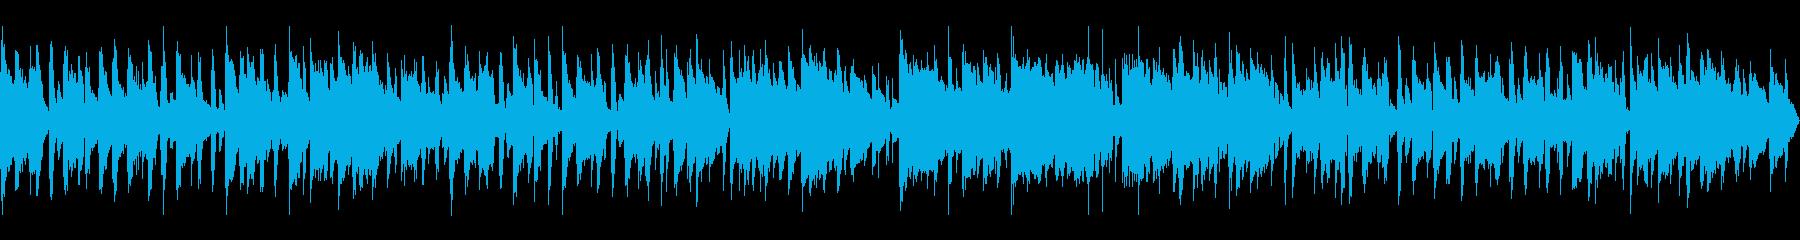 フルートの旋律でゆったりしたボサノバの再生済みの波形